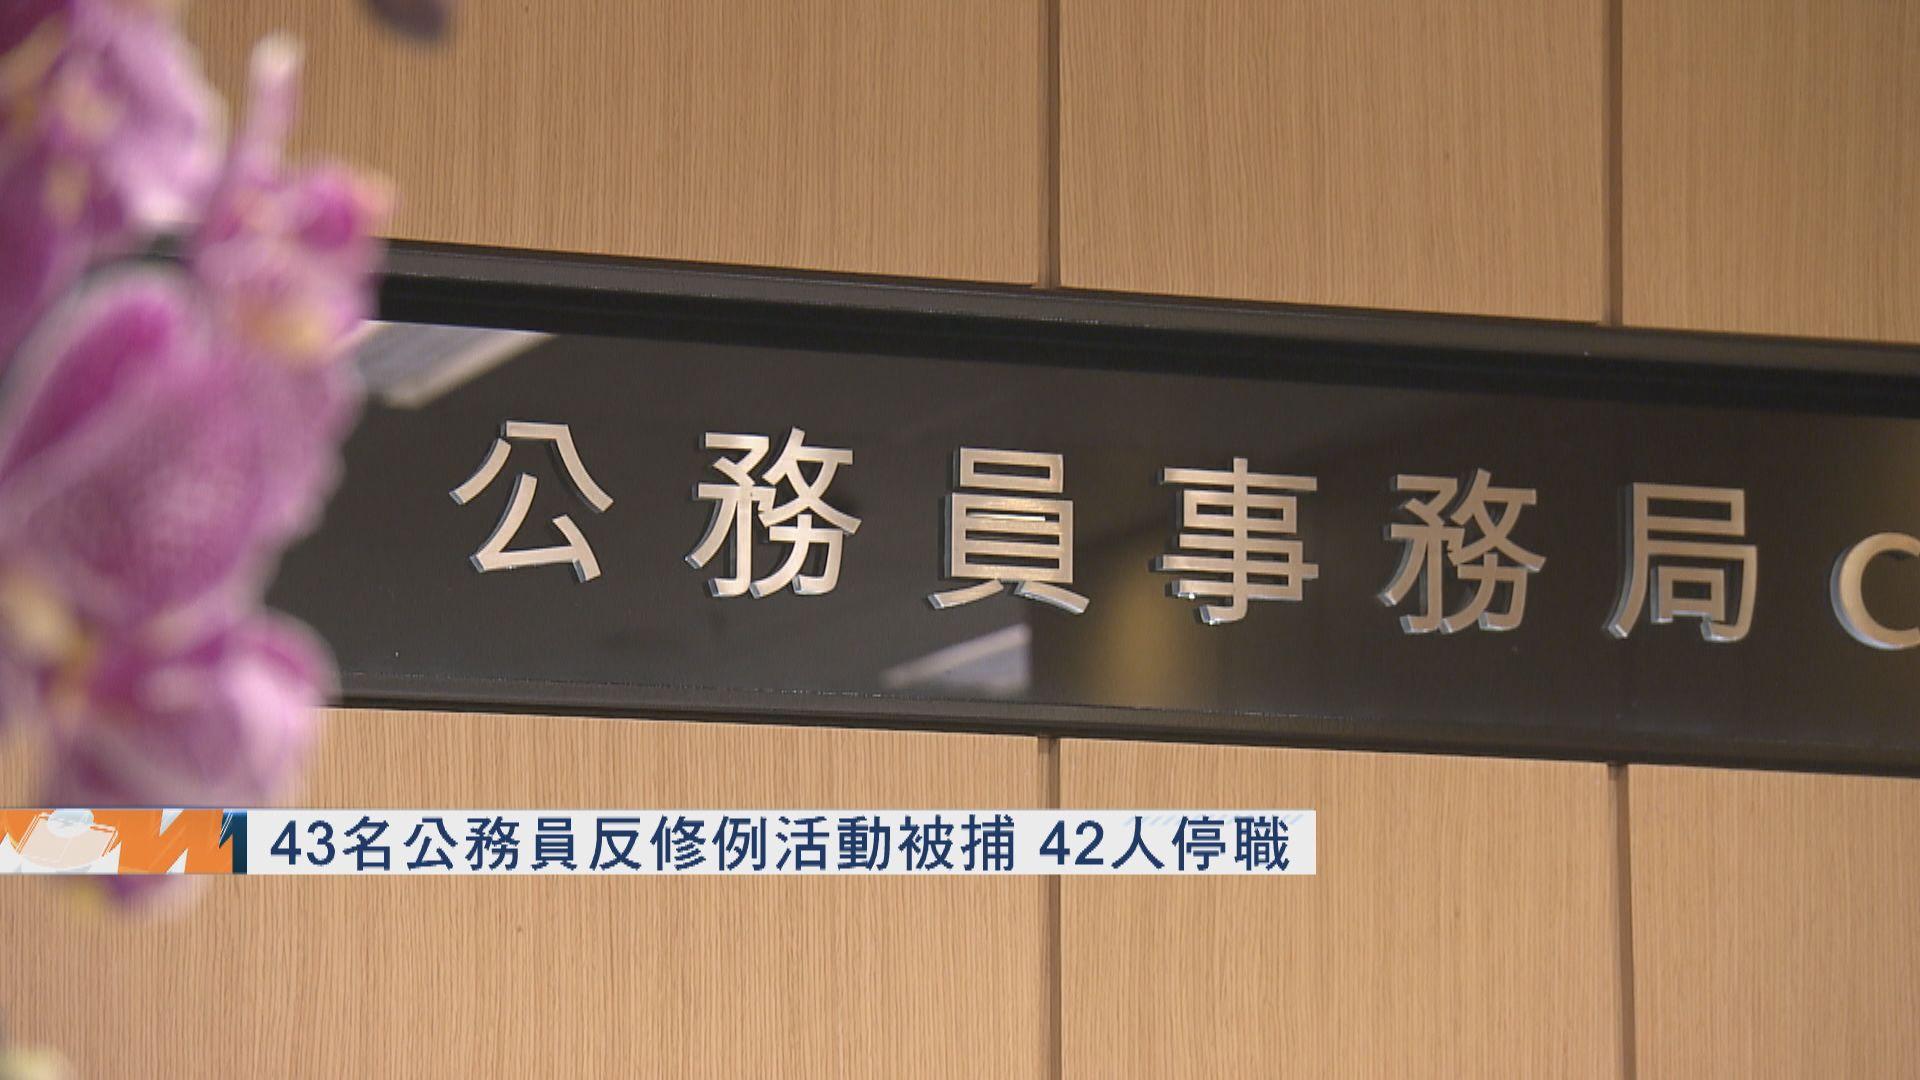 43名公務員反修例活動被捕 42人停職